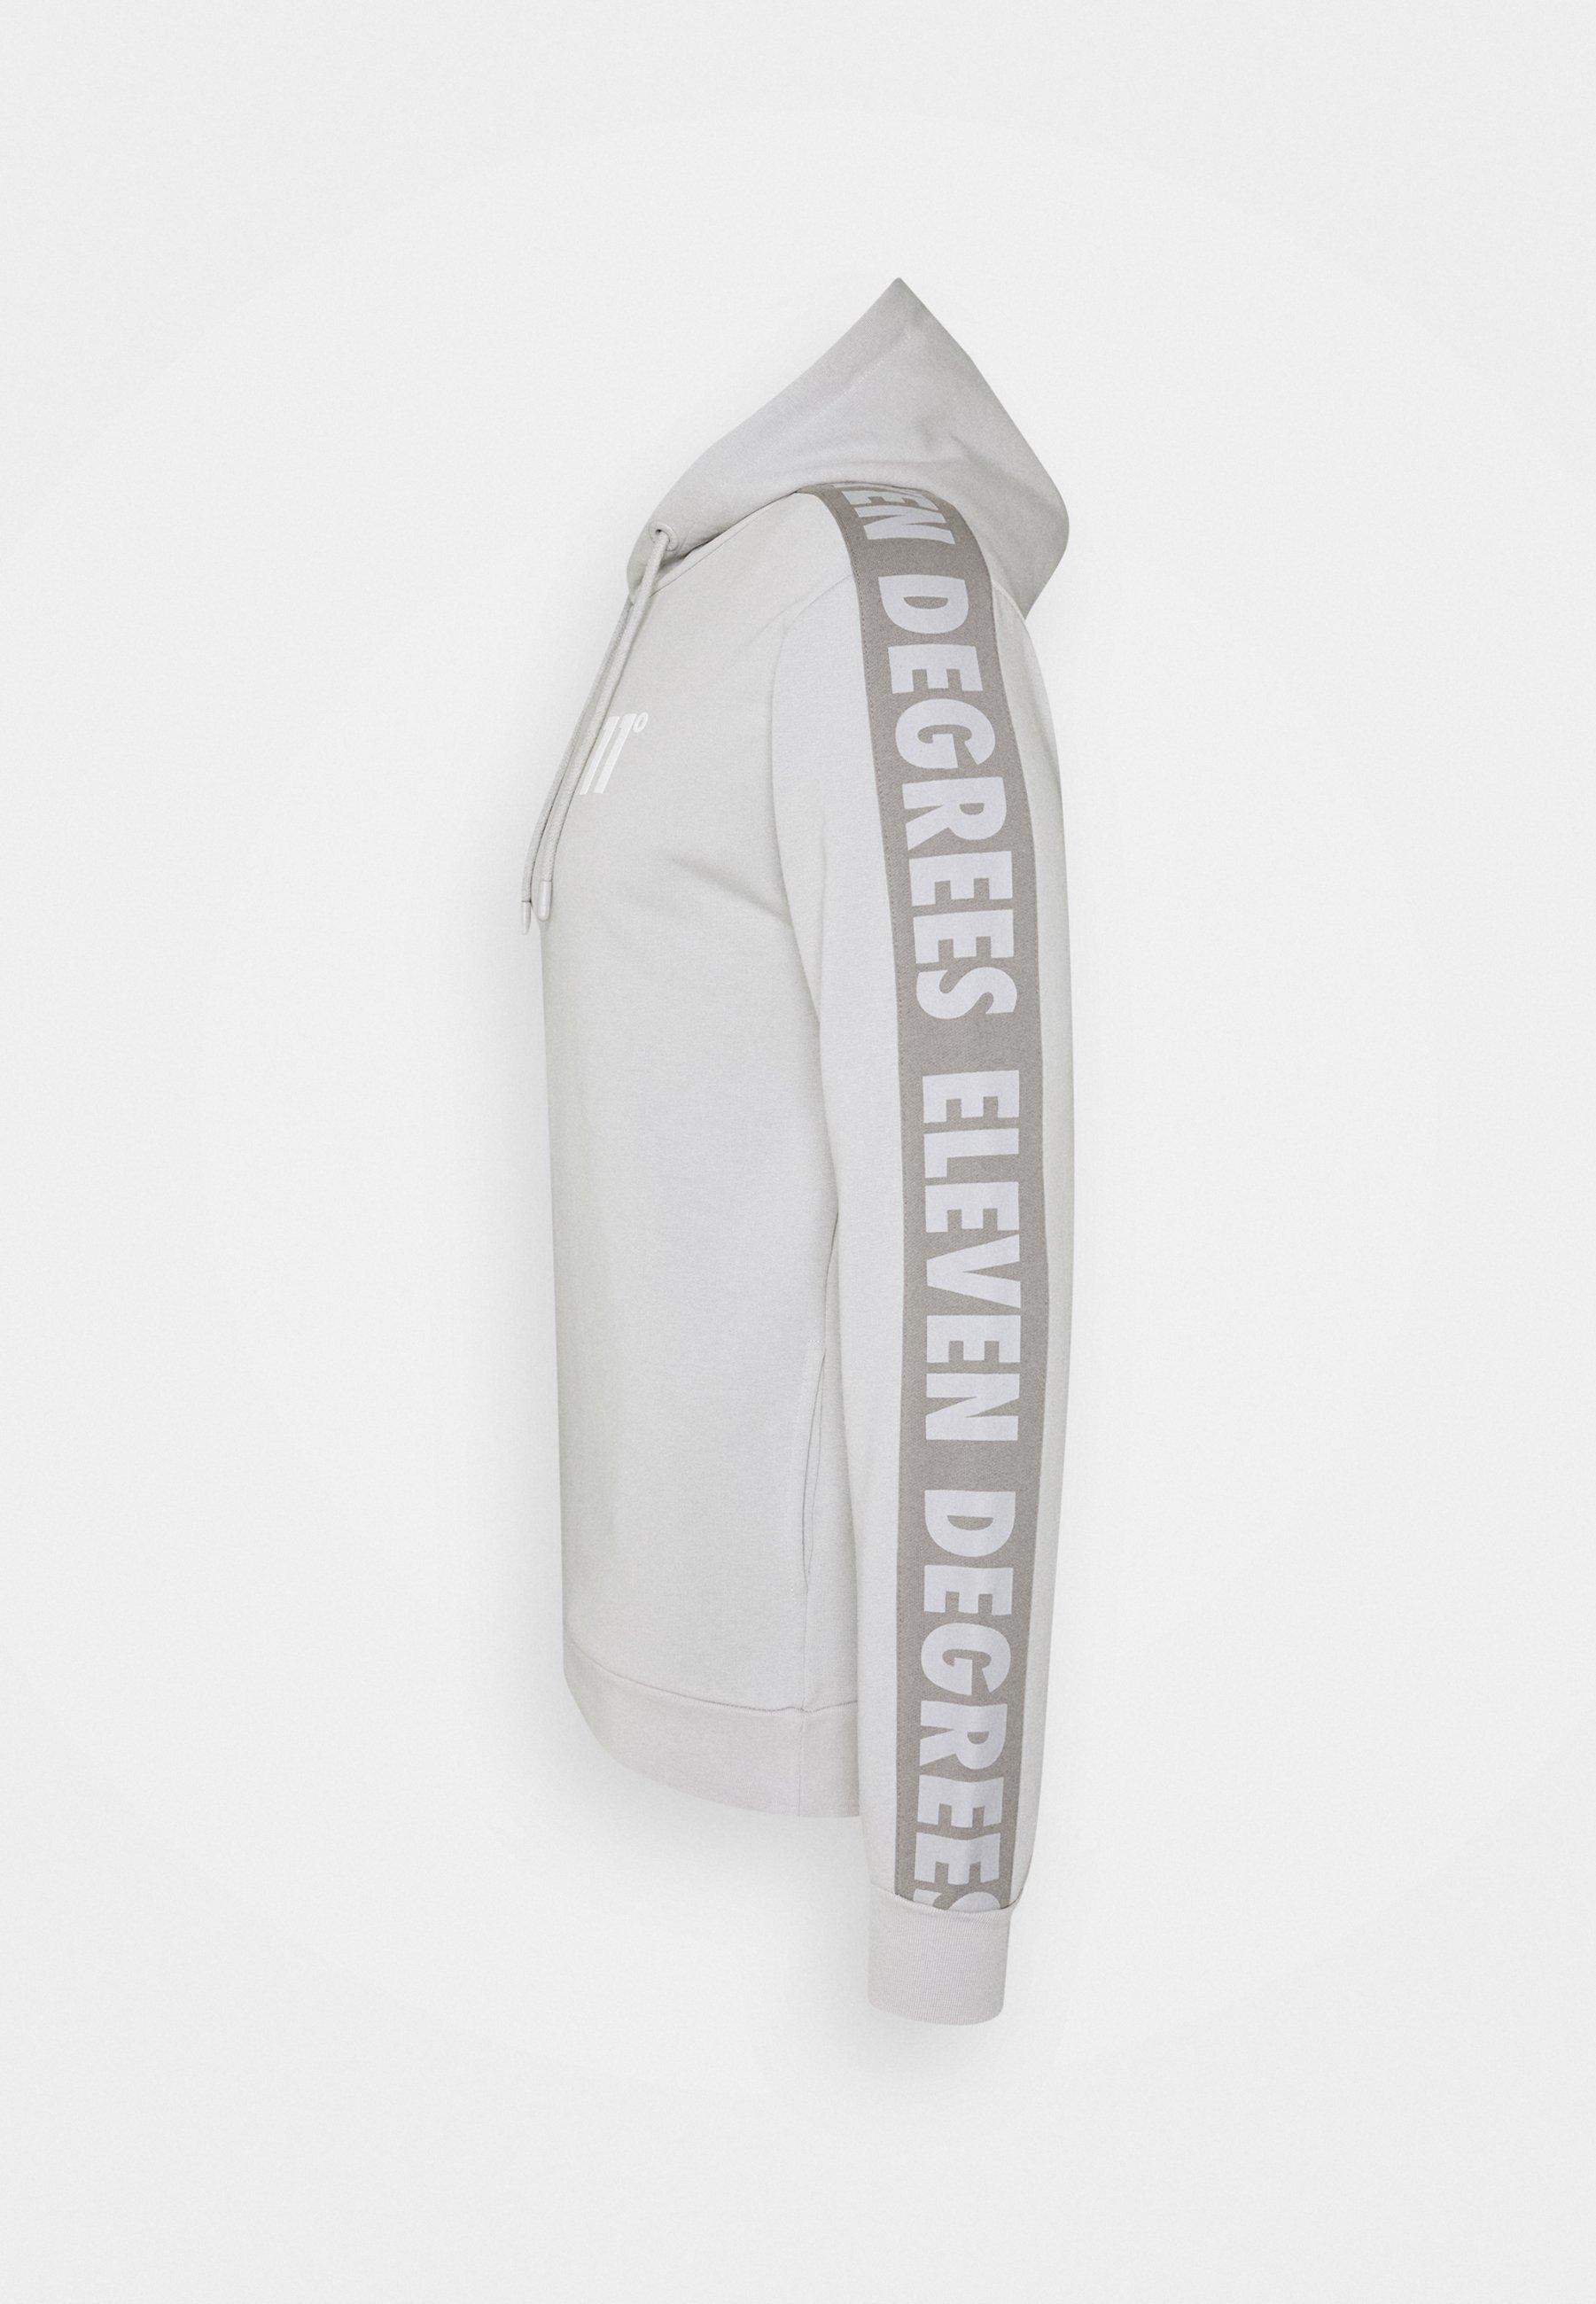 Største Leverandør Shopping Online Tøj til herrer 11 DEGREES RADAR HOODIE Hættetrøjer vapour grey aWR3aw 4WkakR